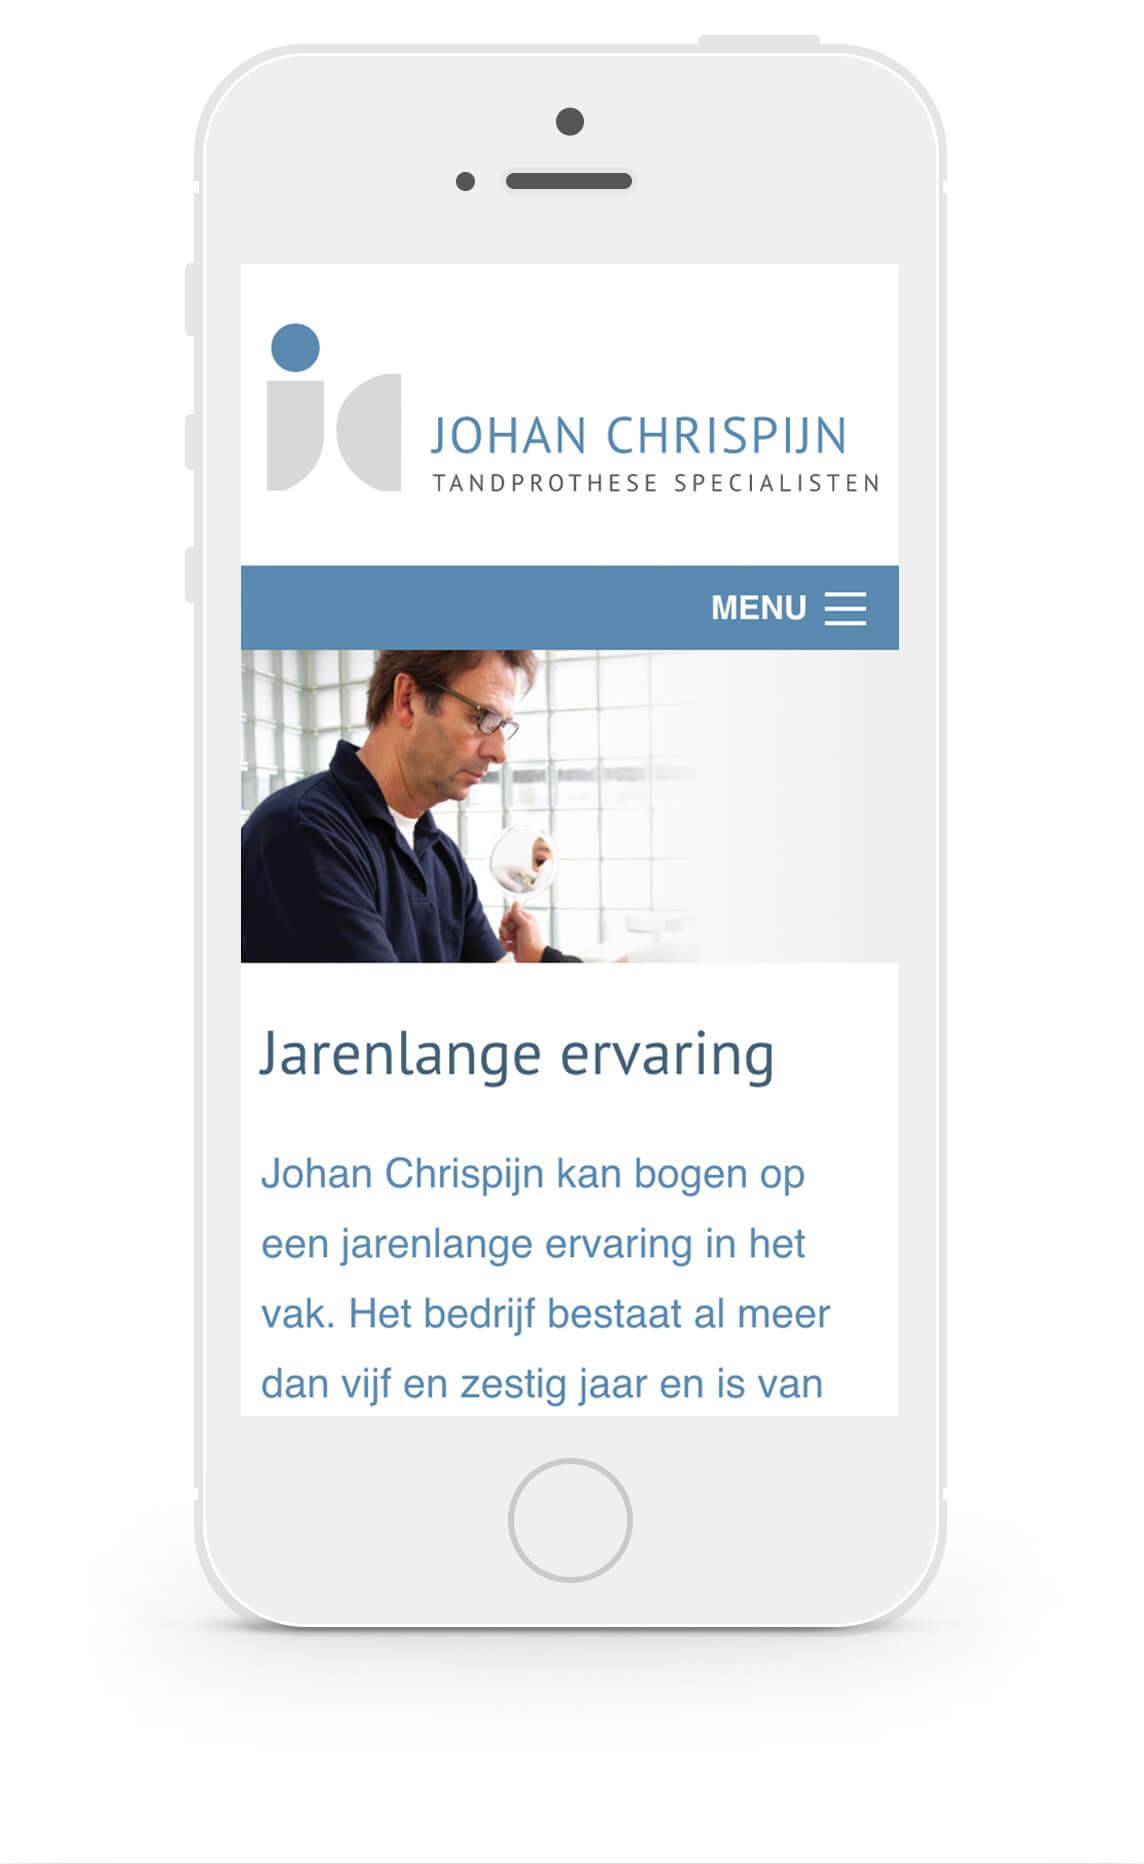 chrispijn_mobile.jpg